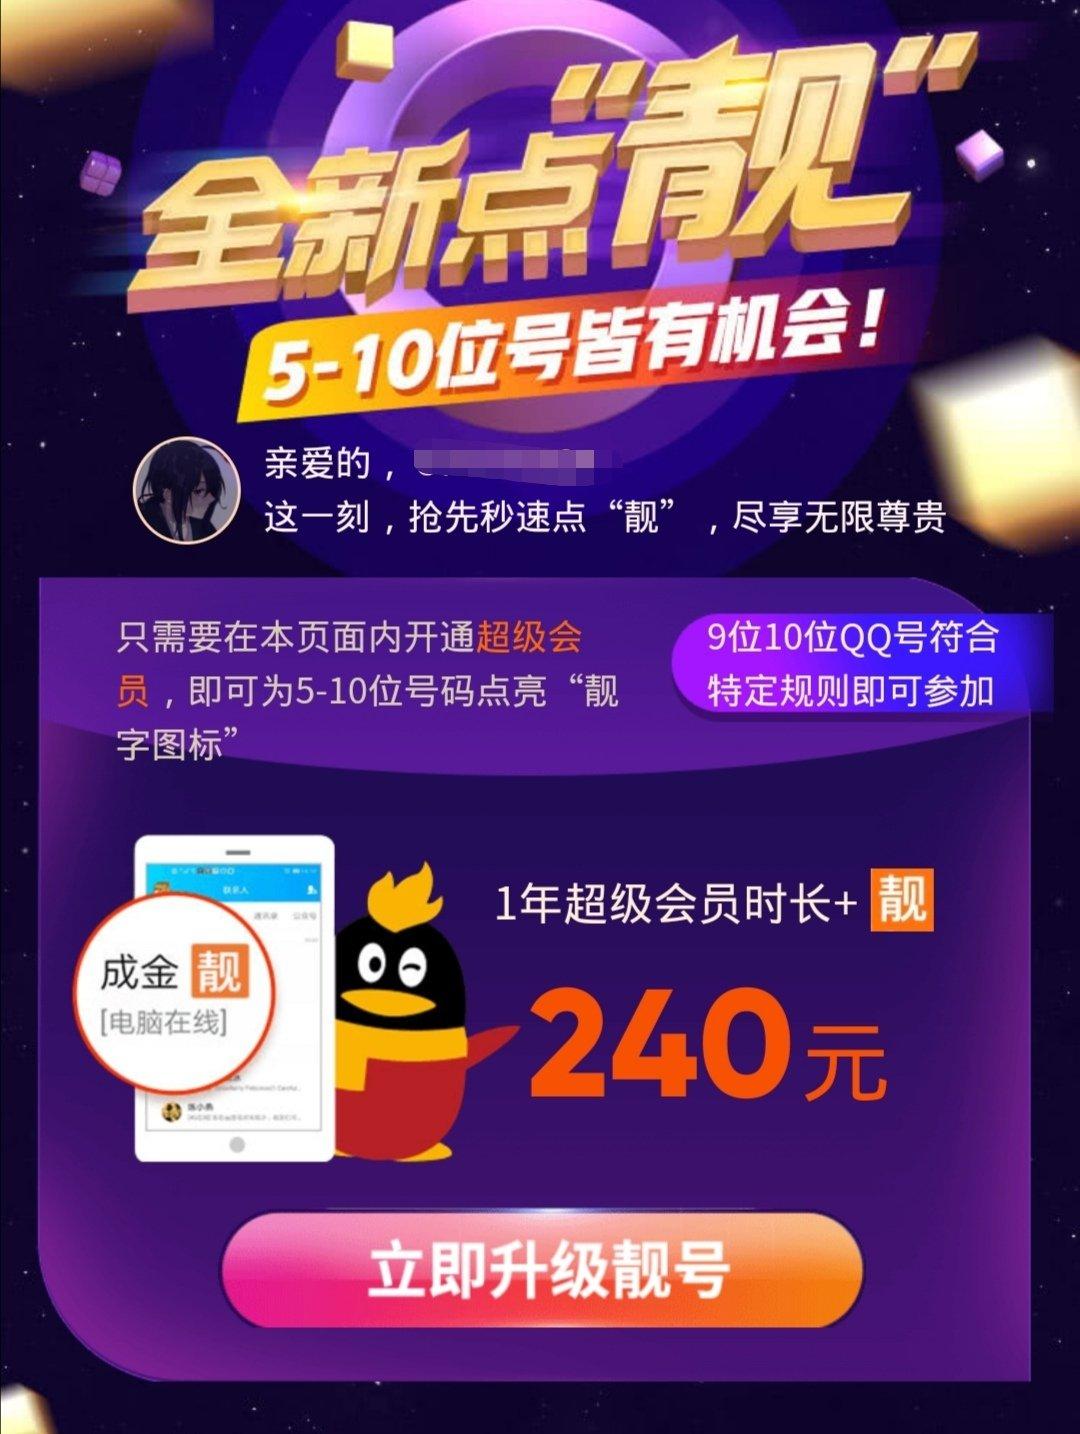 2020最新QQ账号升级靓号活动